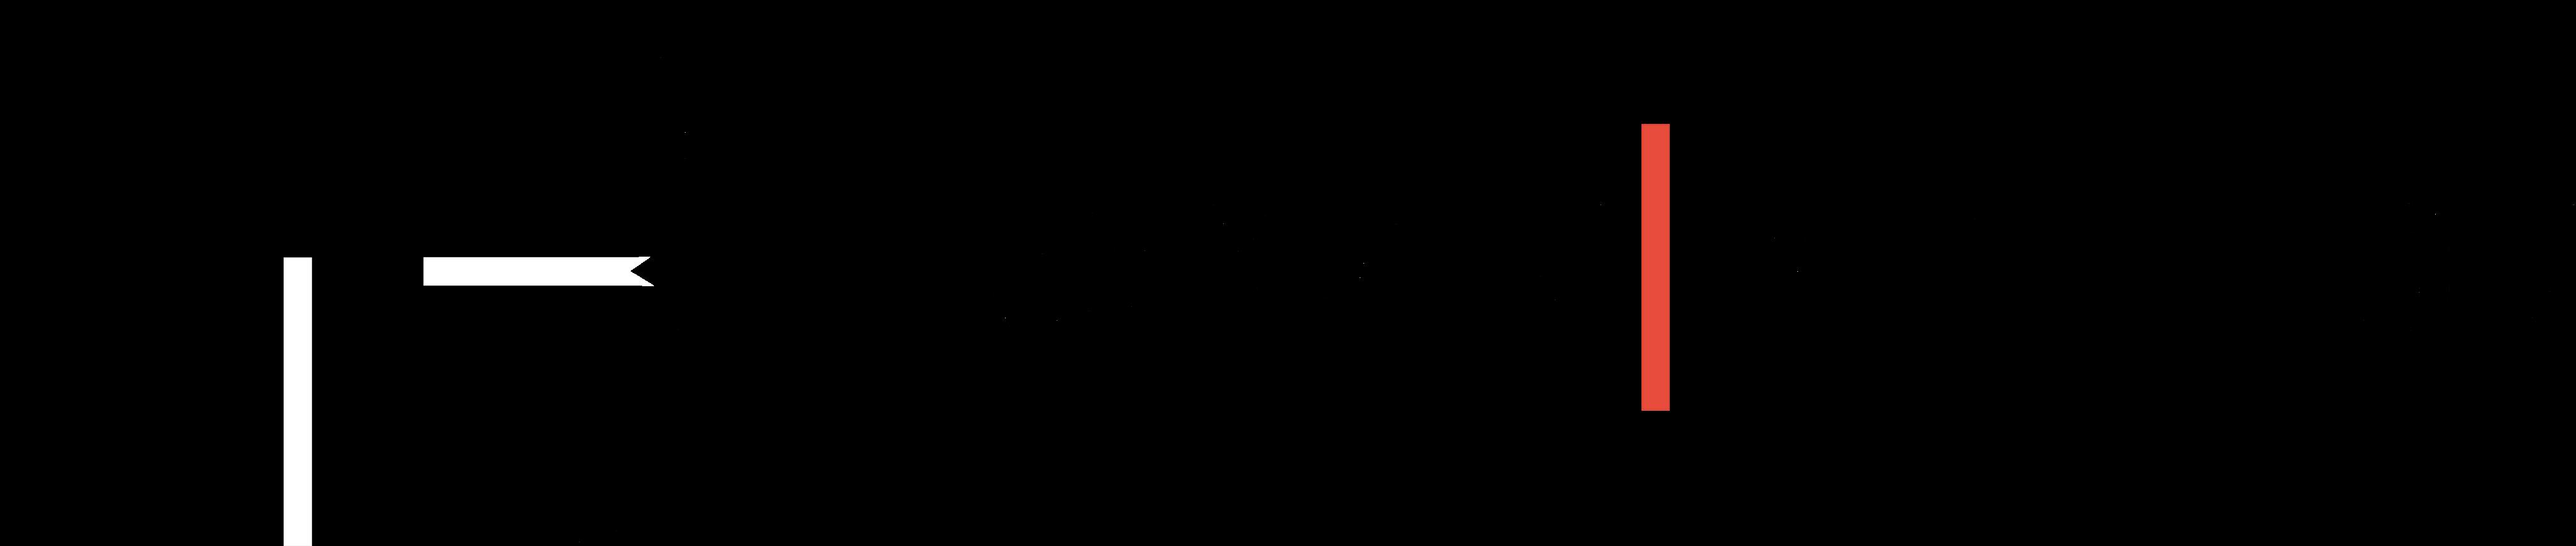 Tramain Bentinck